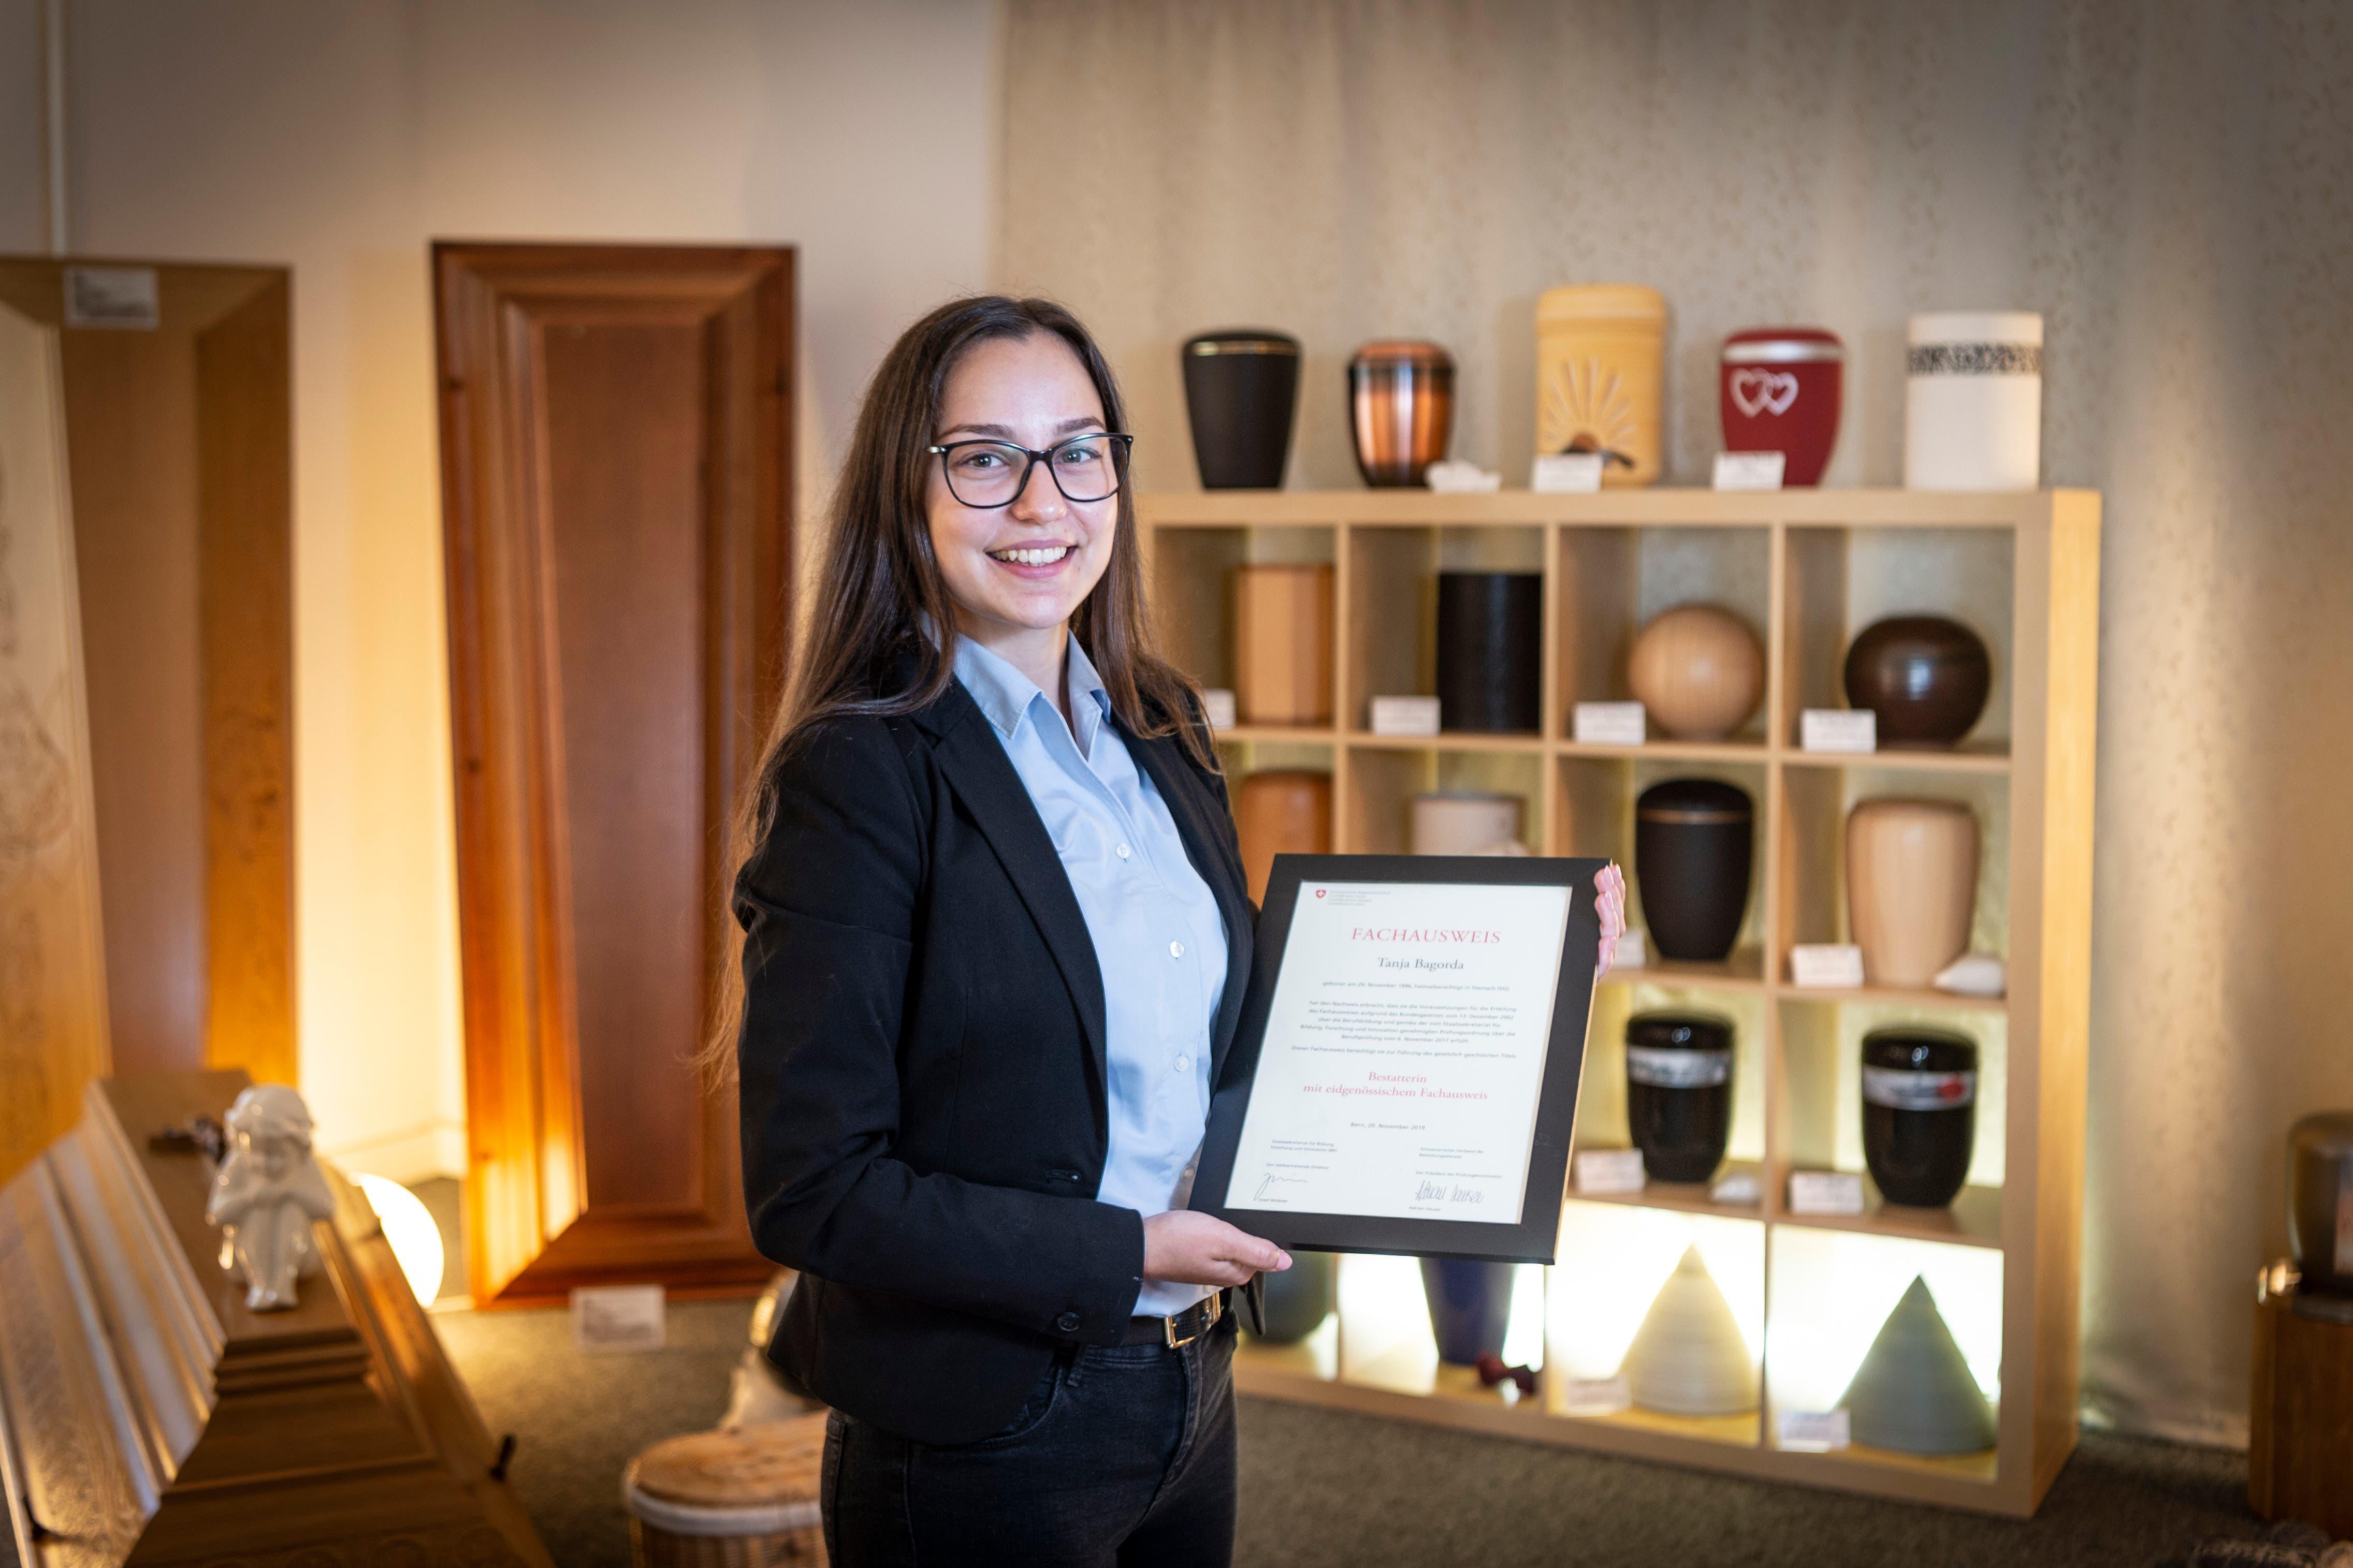 Zuerst war sie Hotelfachfrau, nun Bestatterin. Tanja Bagorda ist stolz auf ihren neuen Beruf.